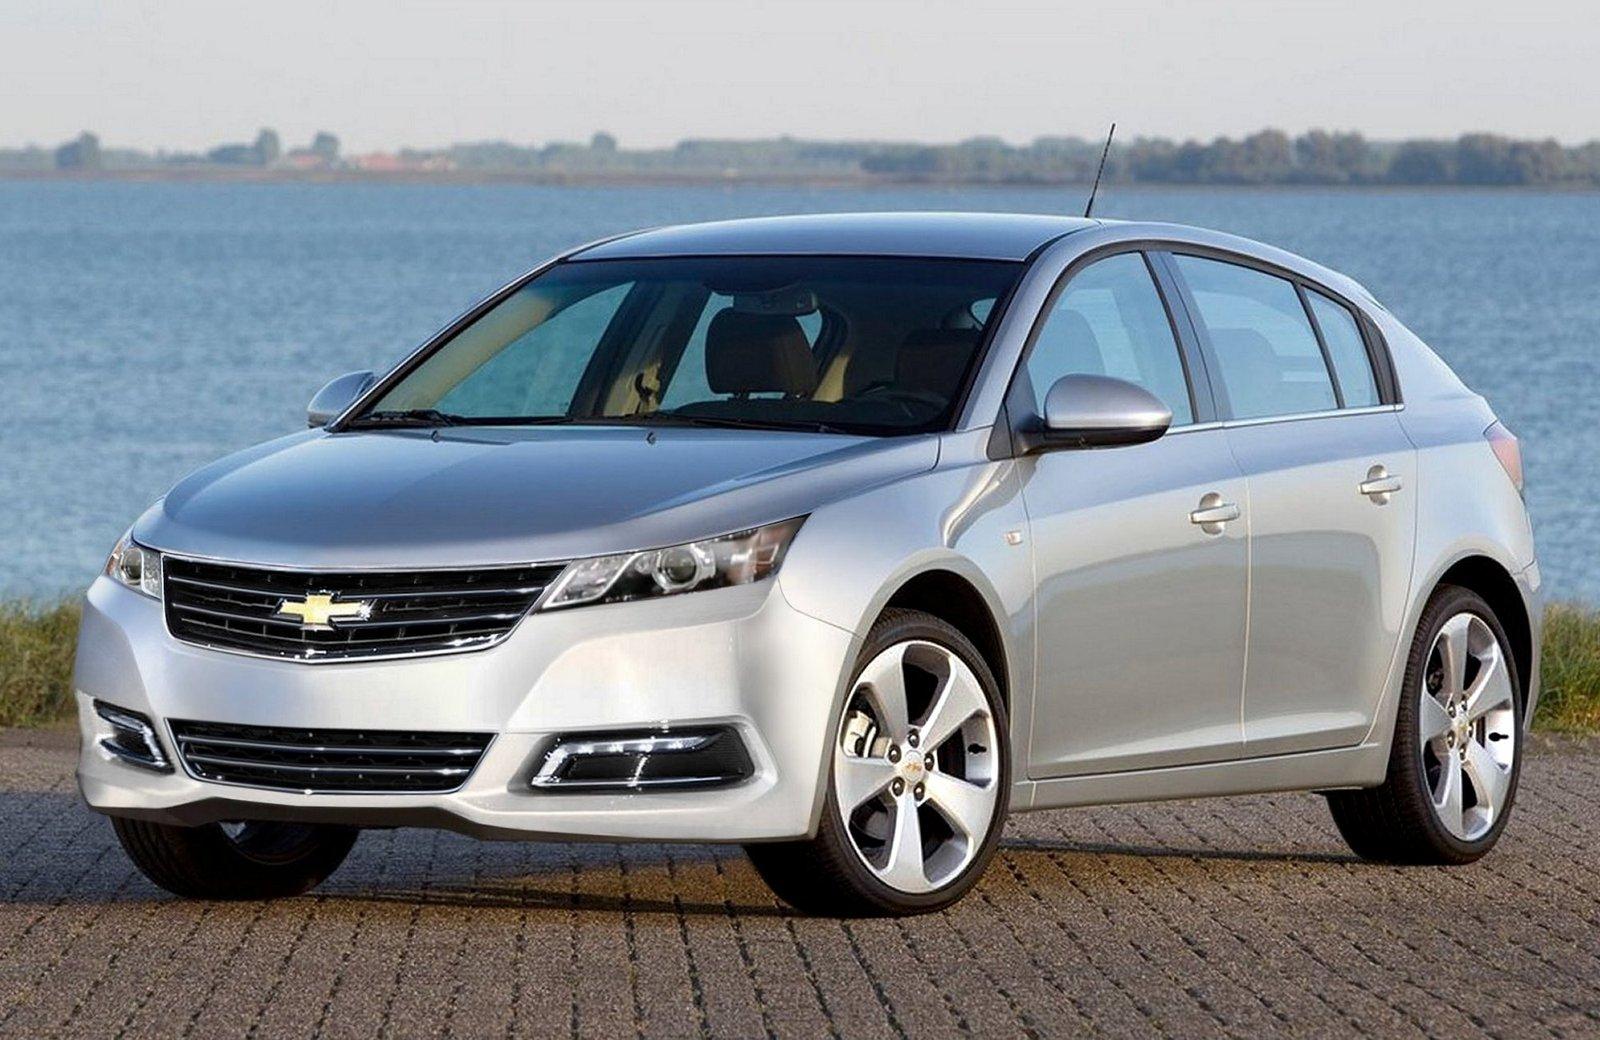 Chevrolet prepara um facelift do Cruze para 2014, momento no qual a